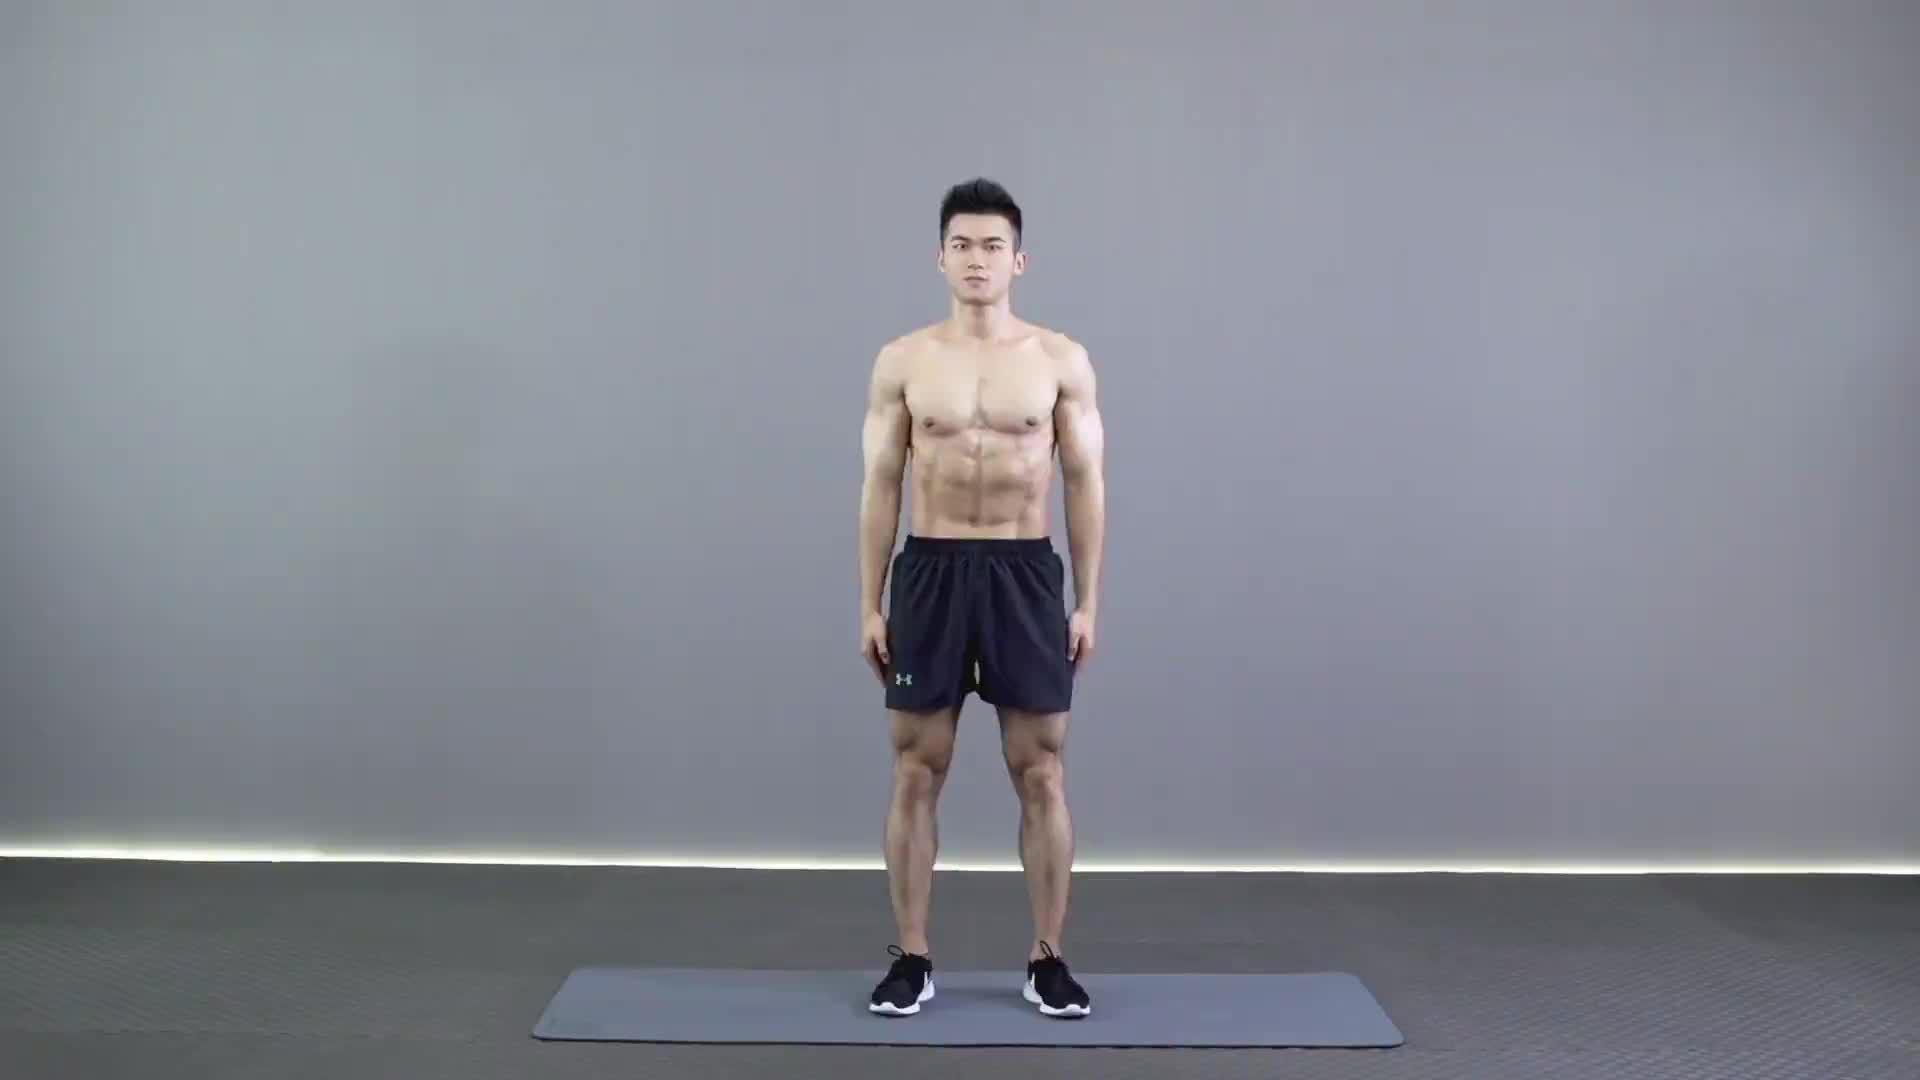 动作要领图                 1、两脚开立略小于肩,收紧腹部,腰背平直,臀部紧张2、脚尖与膝盖保持同一方向,大腿与地面小于90°           主要肌肉示意图        窄距全蹲的动